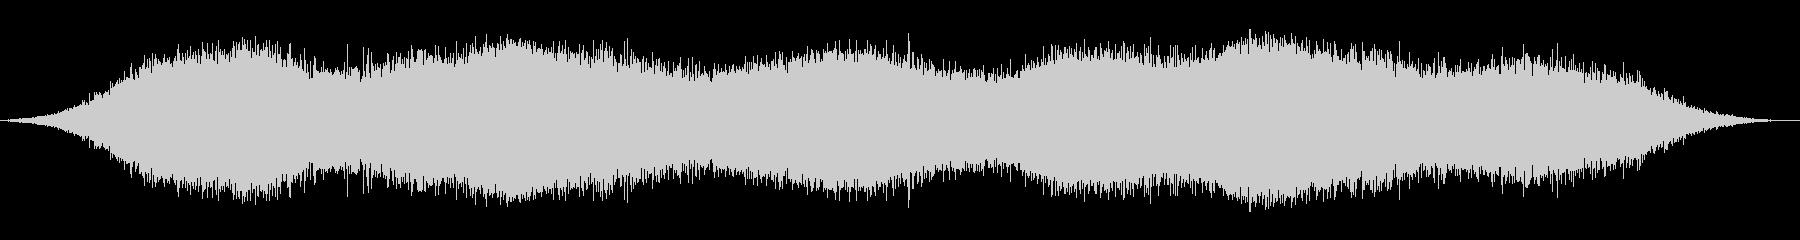 シニスタースピリッツの存在の未再生の波形